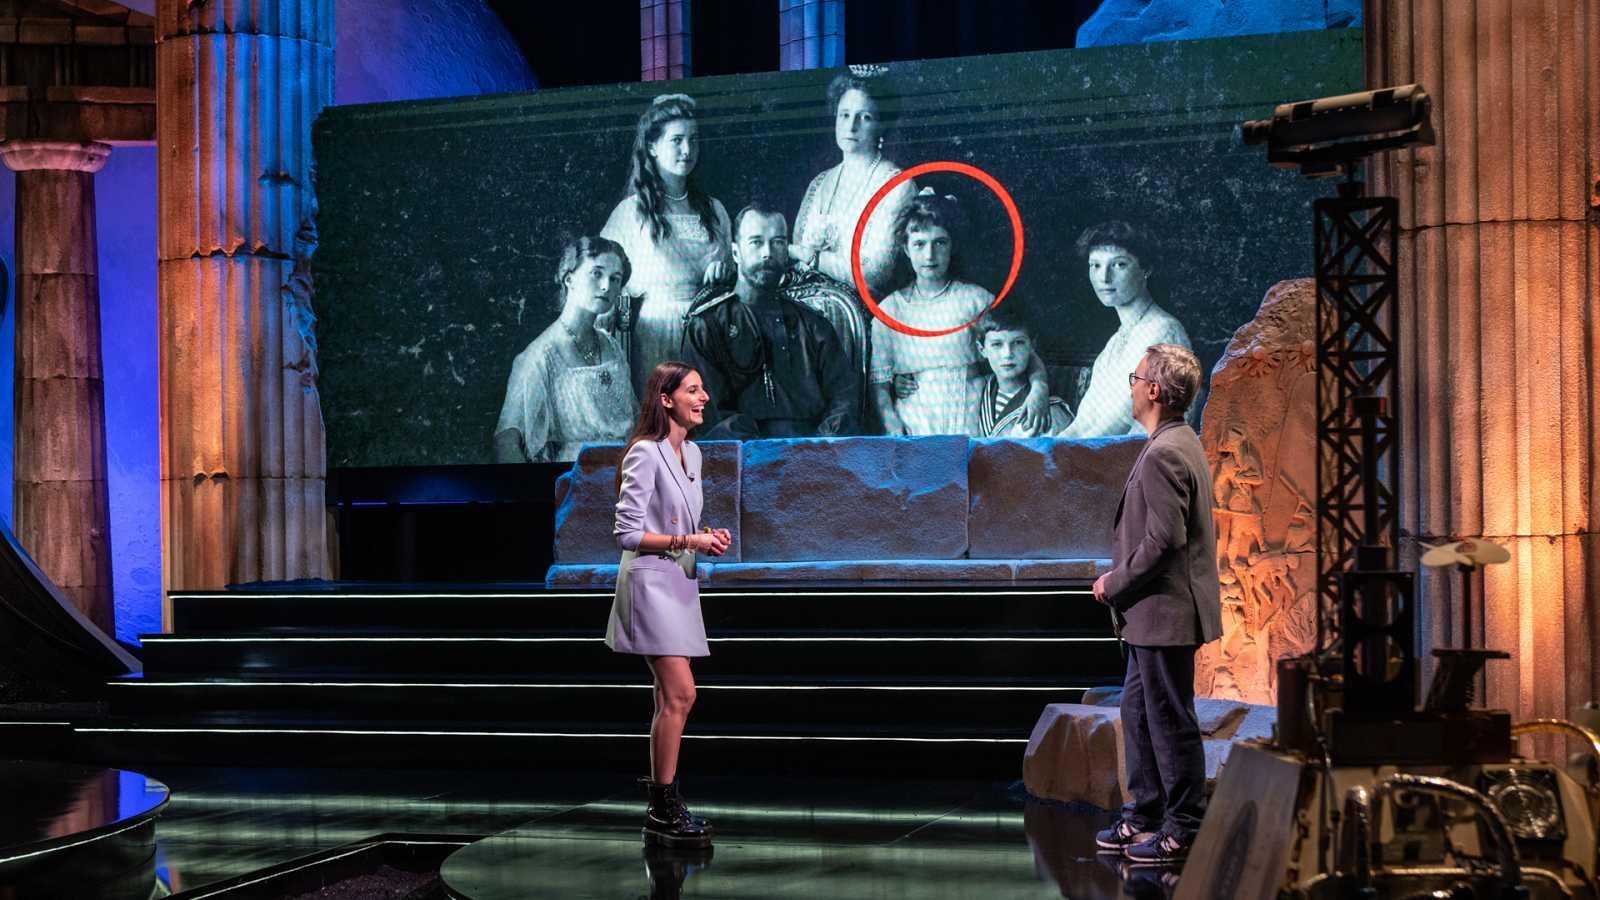 El Condensador de Fluzo - Fake News históricas - Franziska, la suplantadora de Anastasia